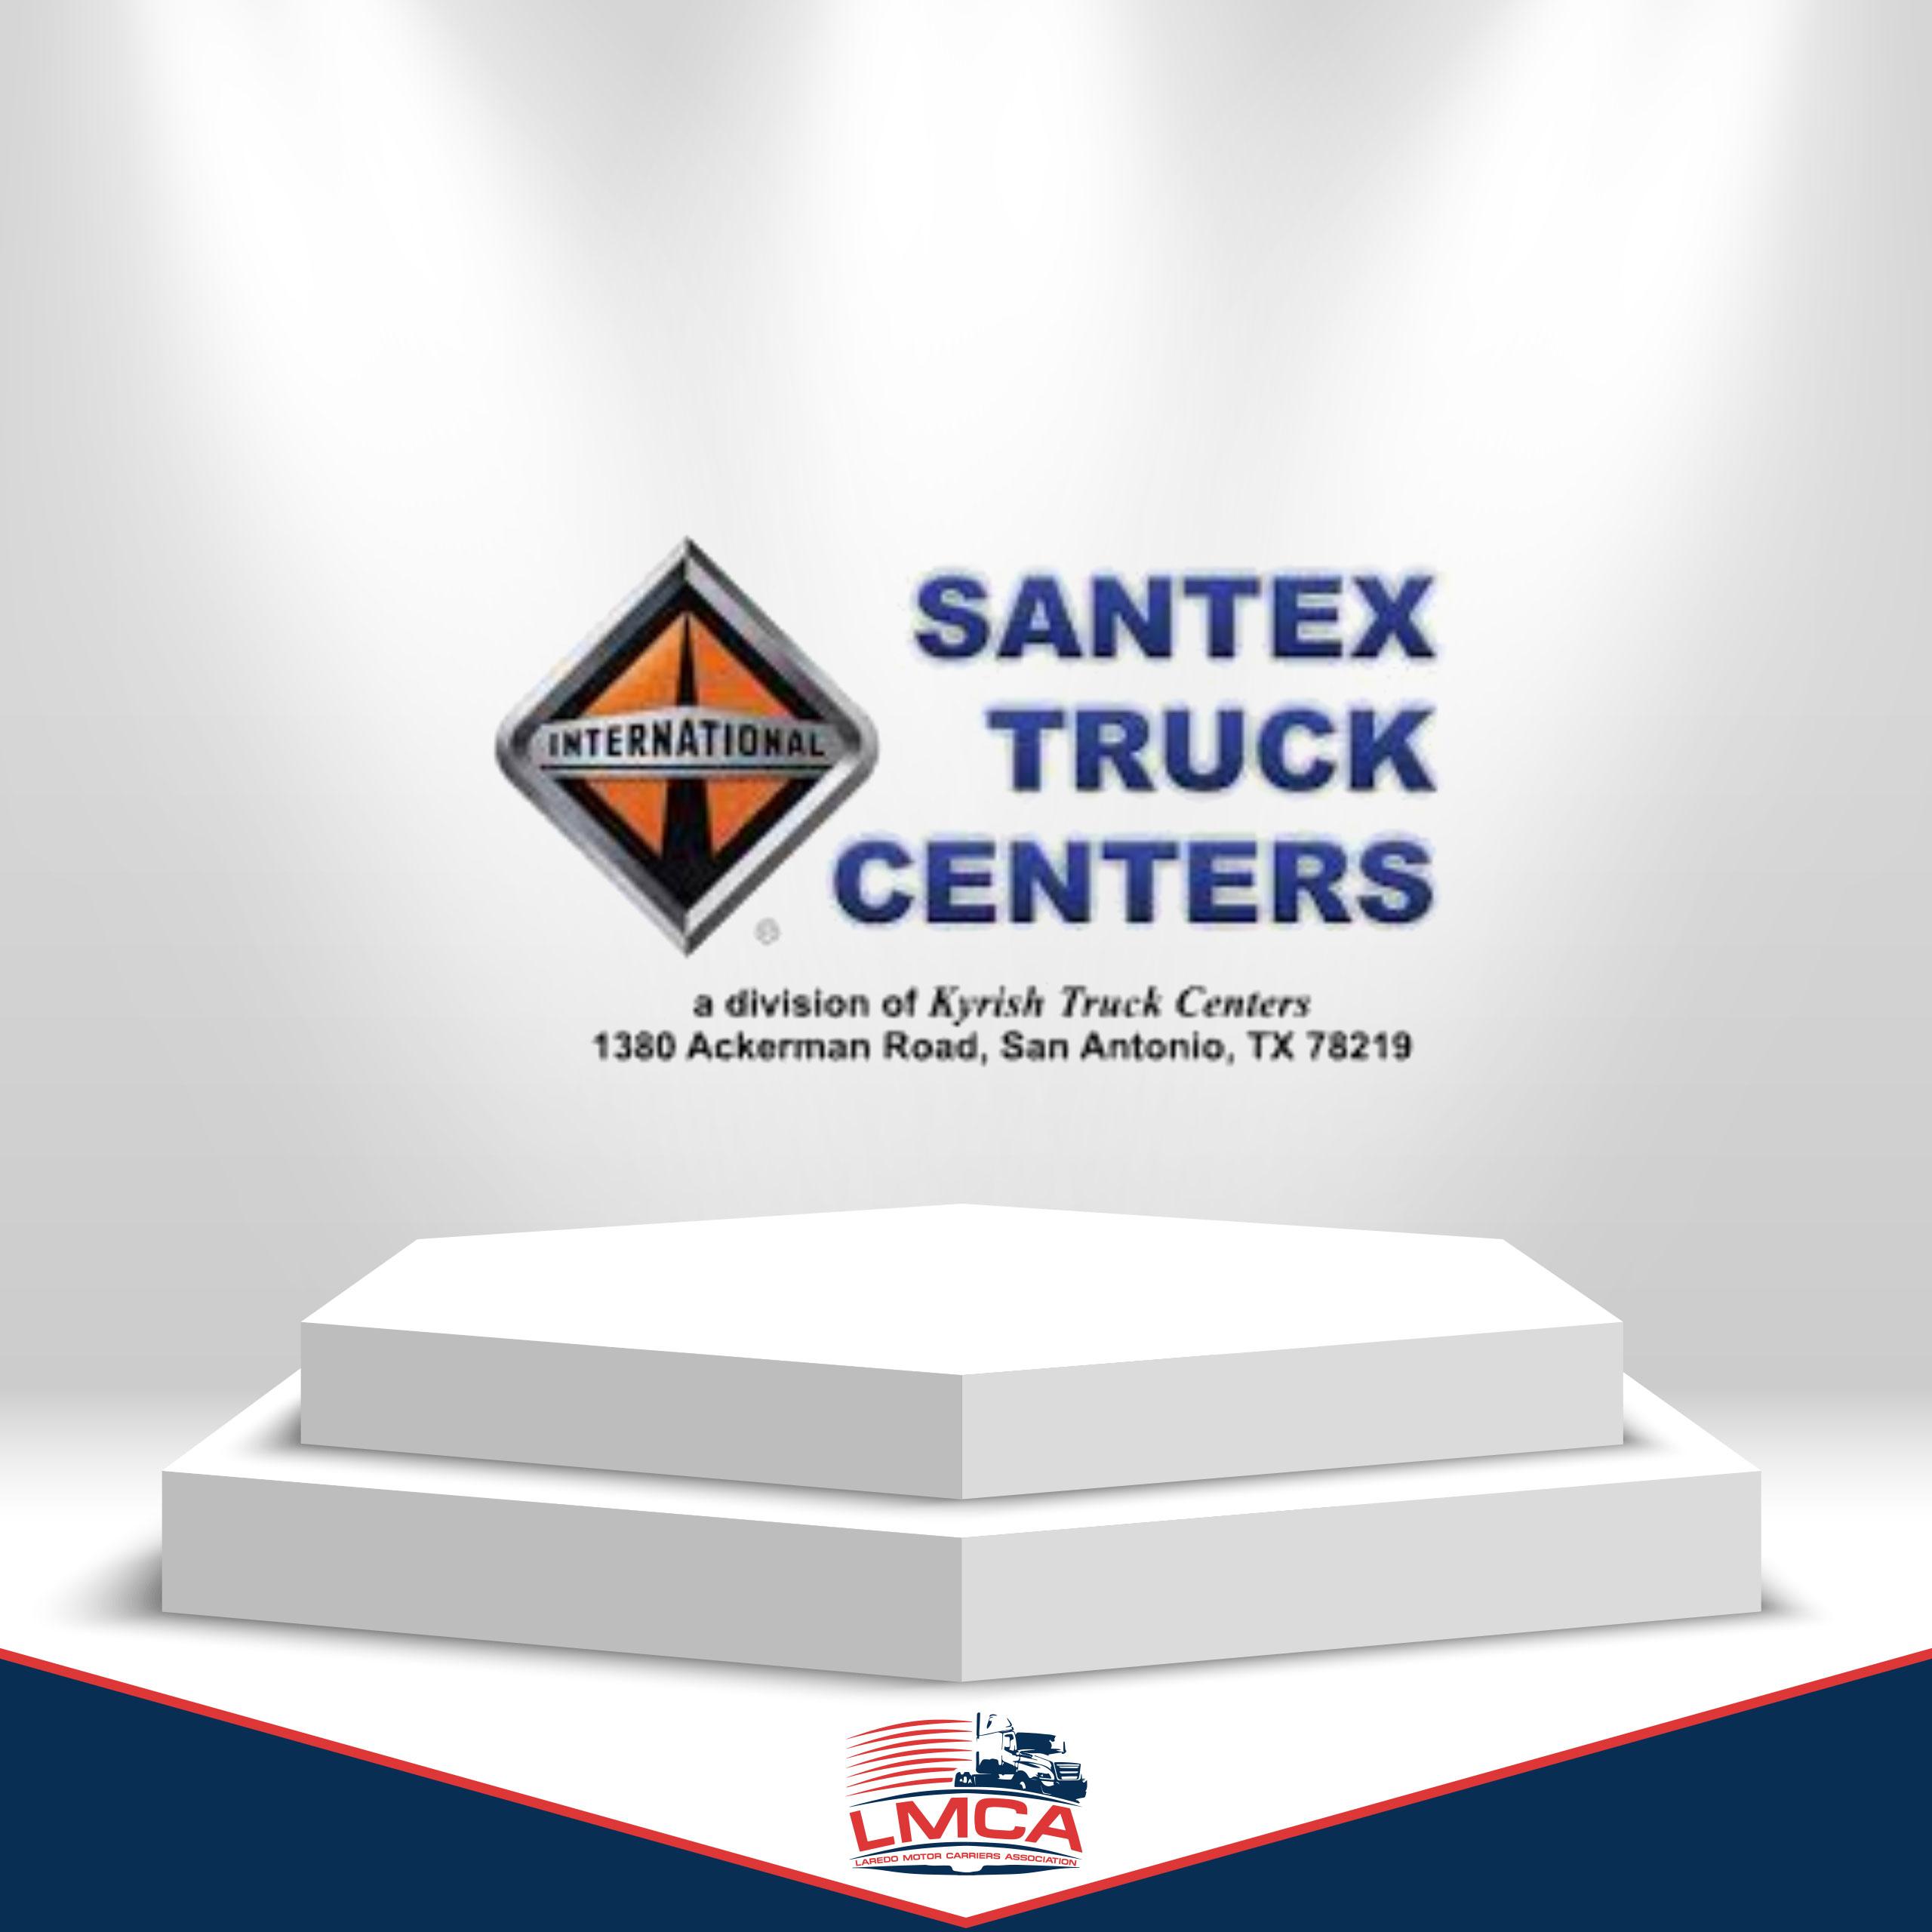 SANTEX-LMCA